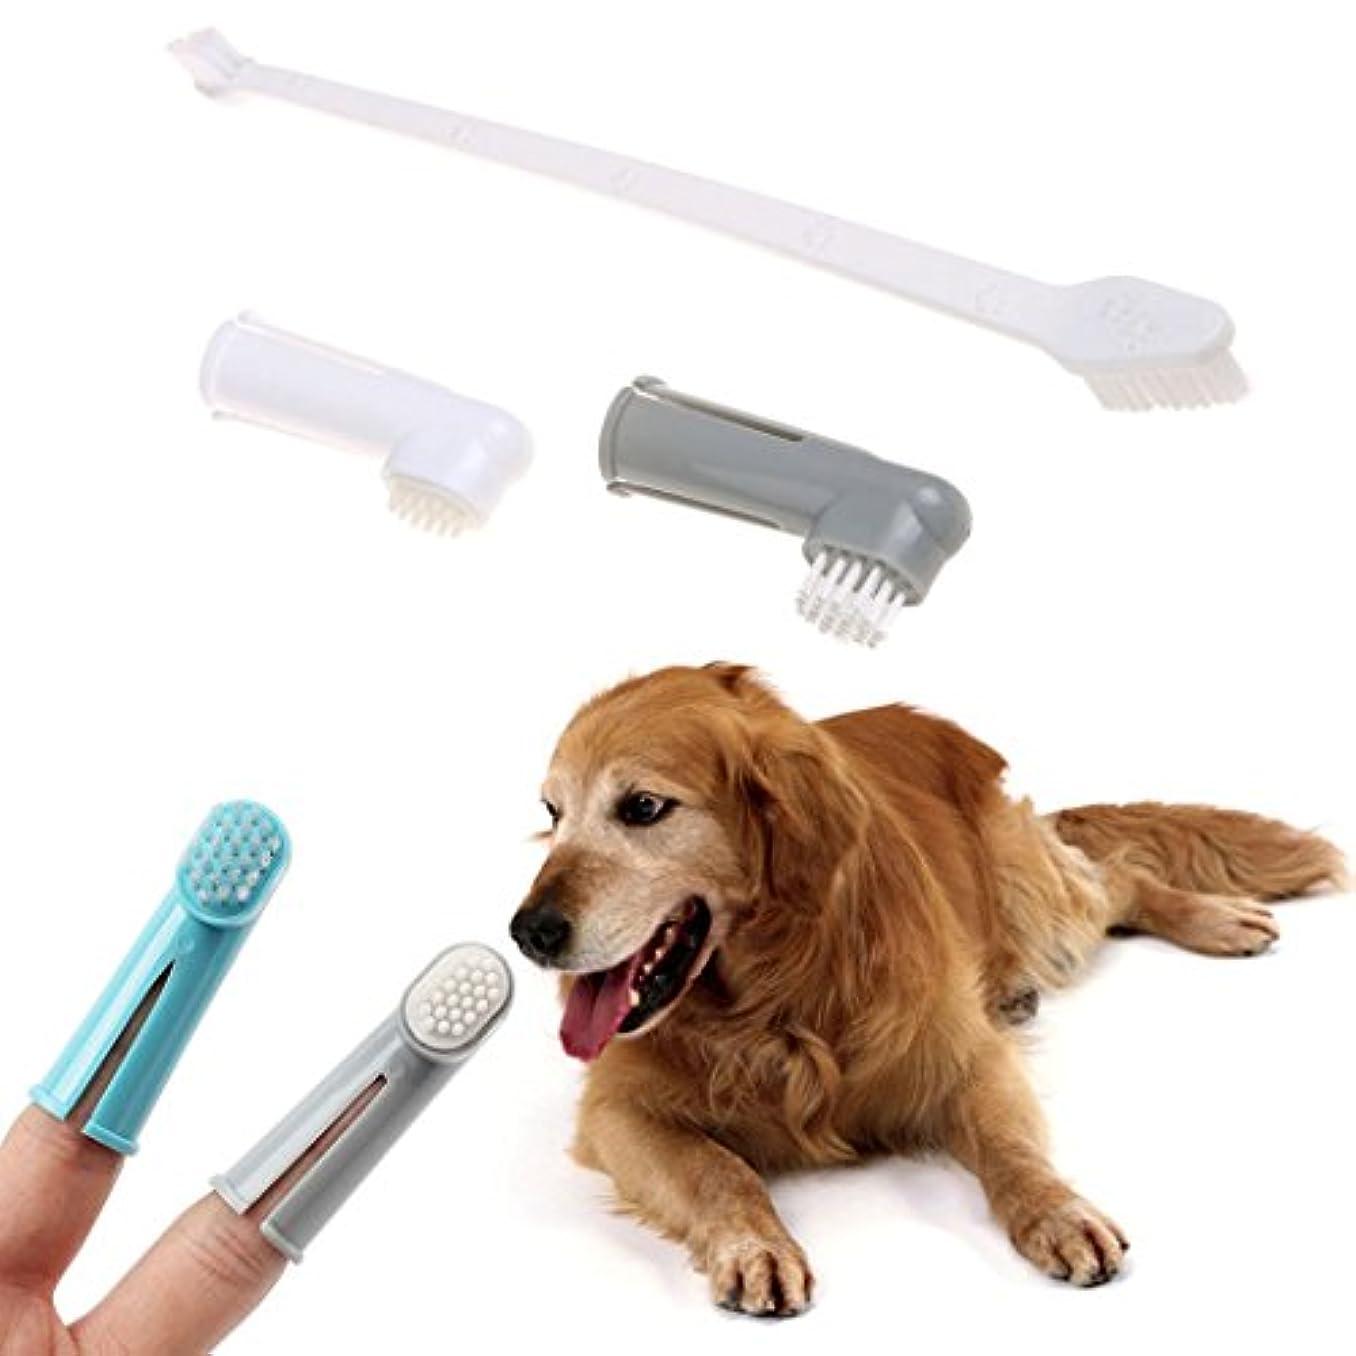 尊敬寛大さふくろうLegendog ペットの歯ブラシ 犬用歯ブラシ 指歯 ブラシ 歯磨き ペット歯ケア用品 カラフル 3ピースセット(合計9個)